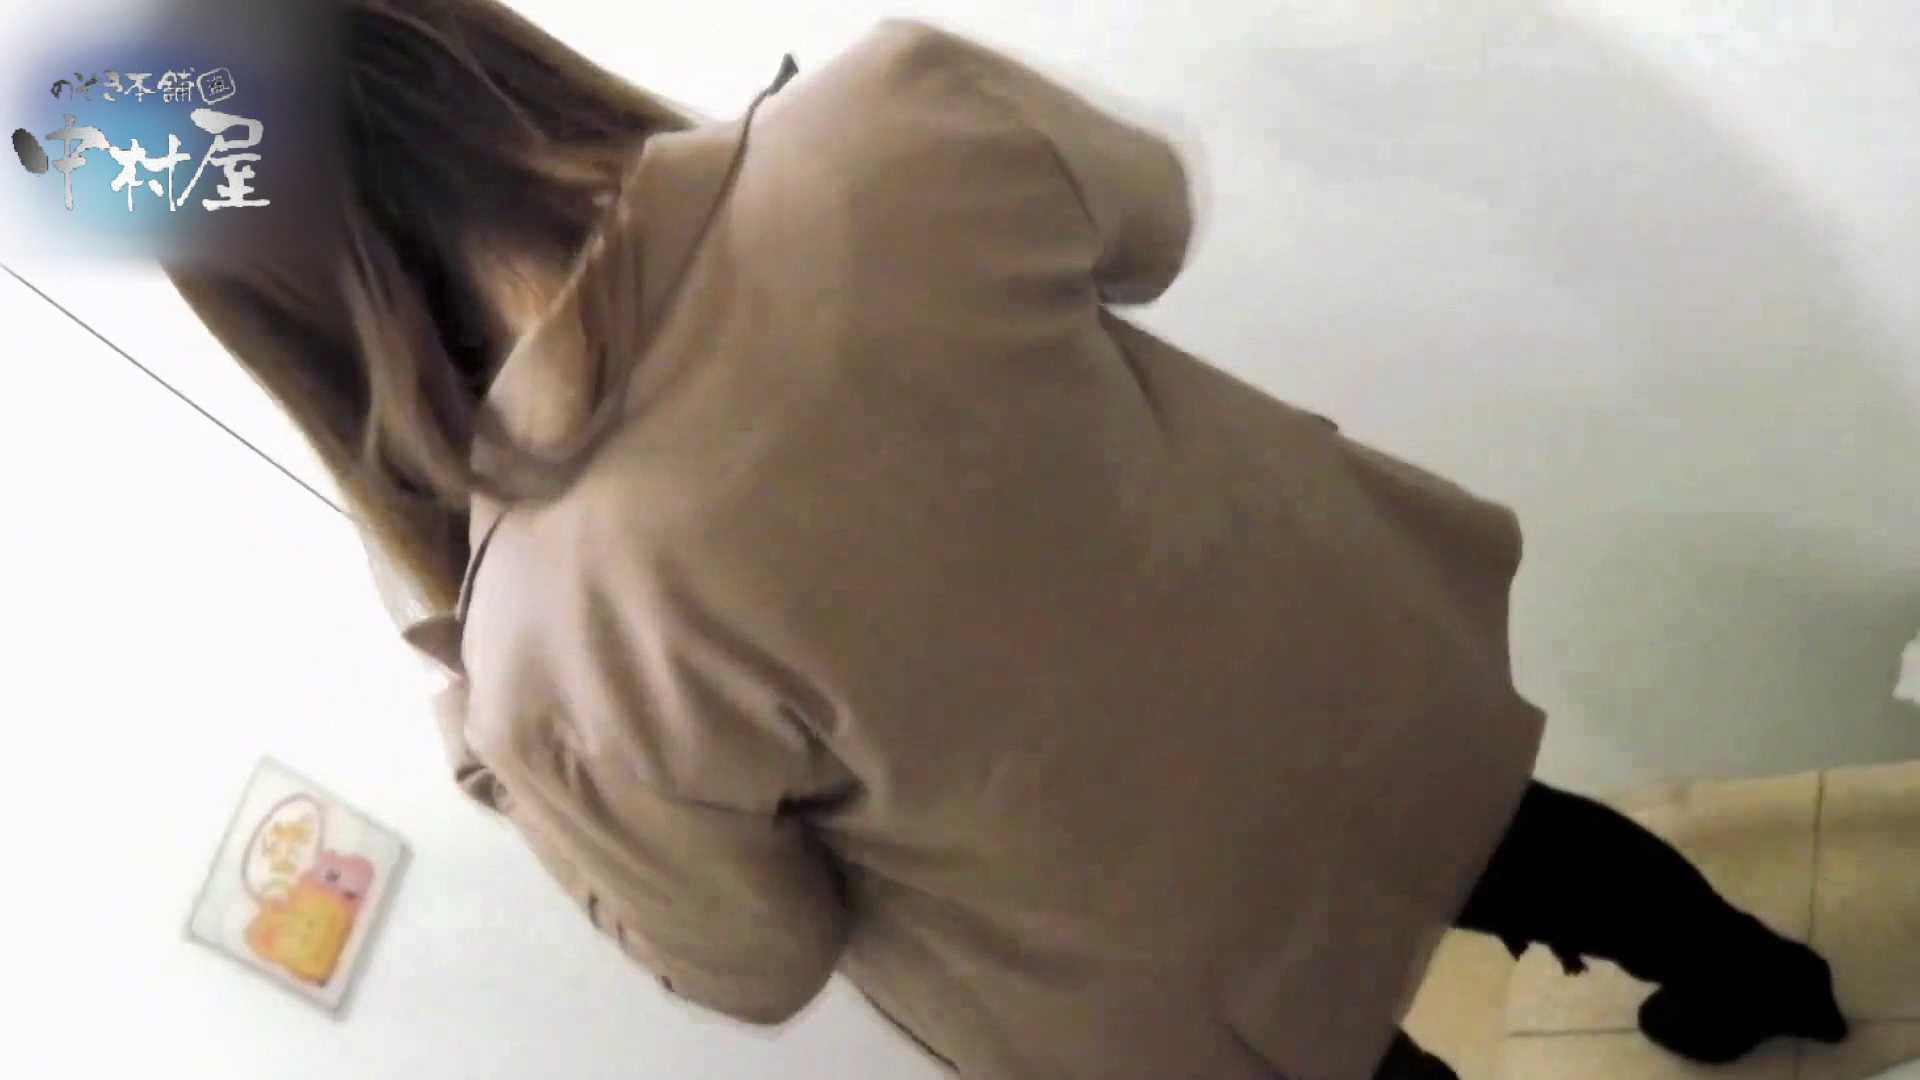 乙女集まる!ショッピングモール潜入撮vol.04 丸見え  28pic 22